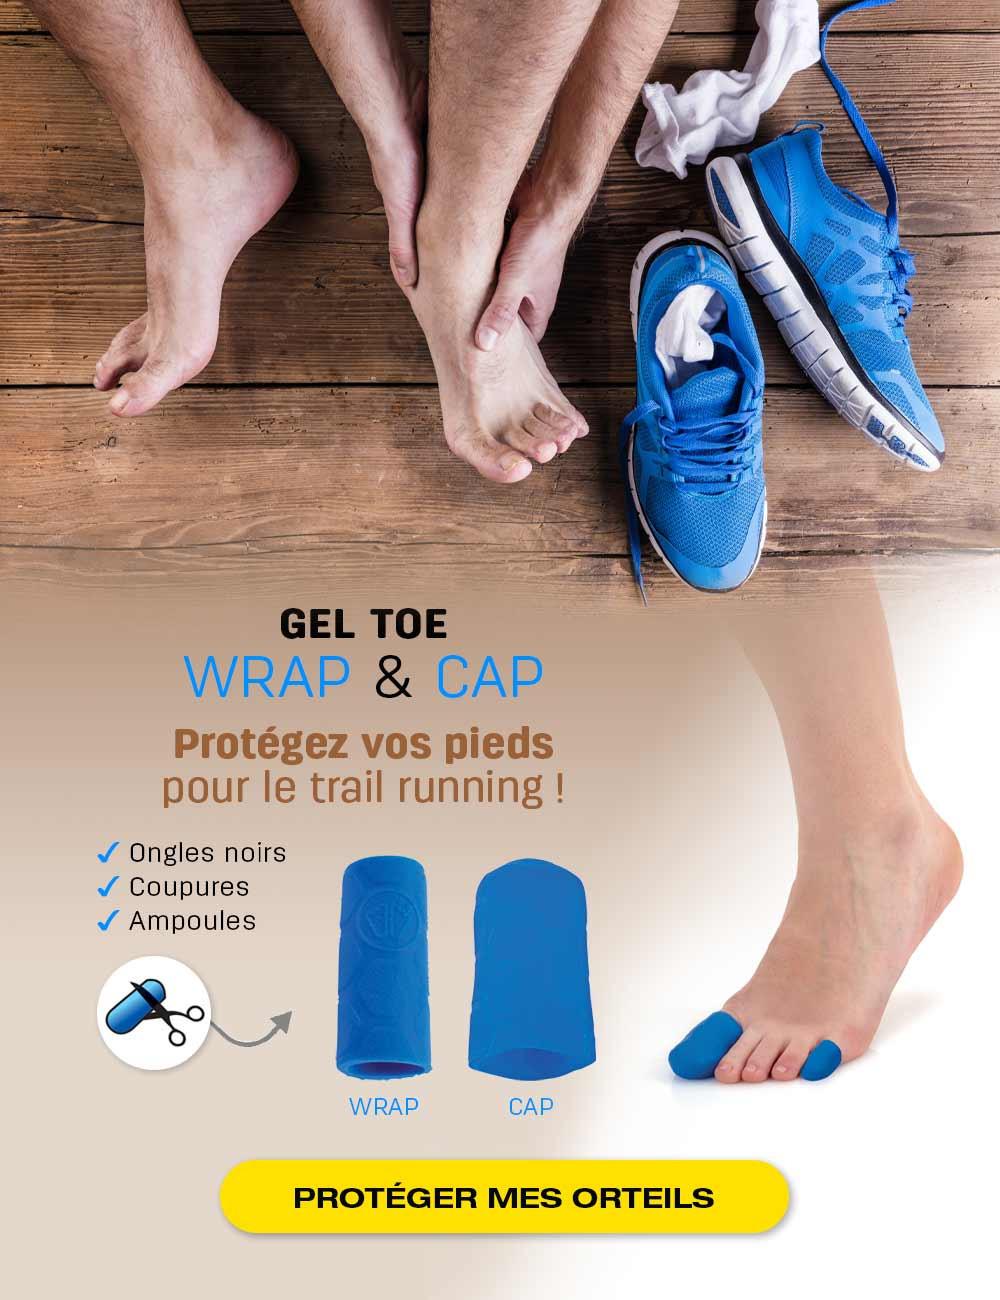 Protégez vos pieds pour le trail running !